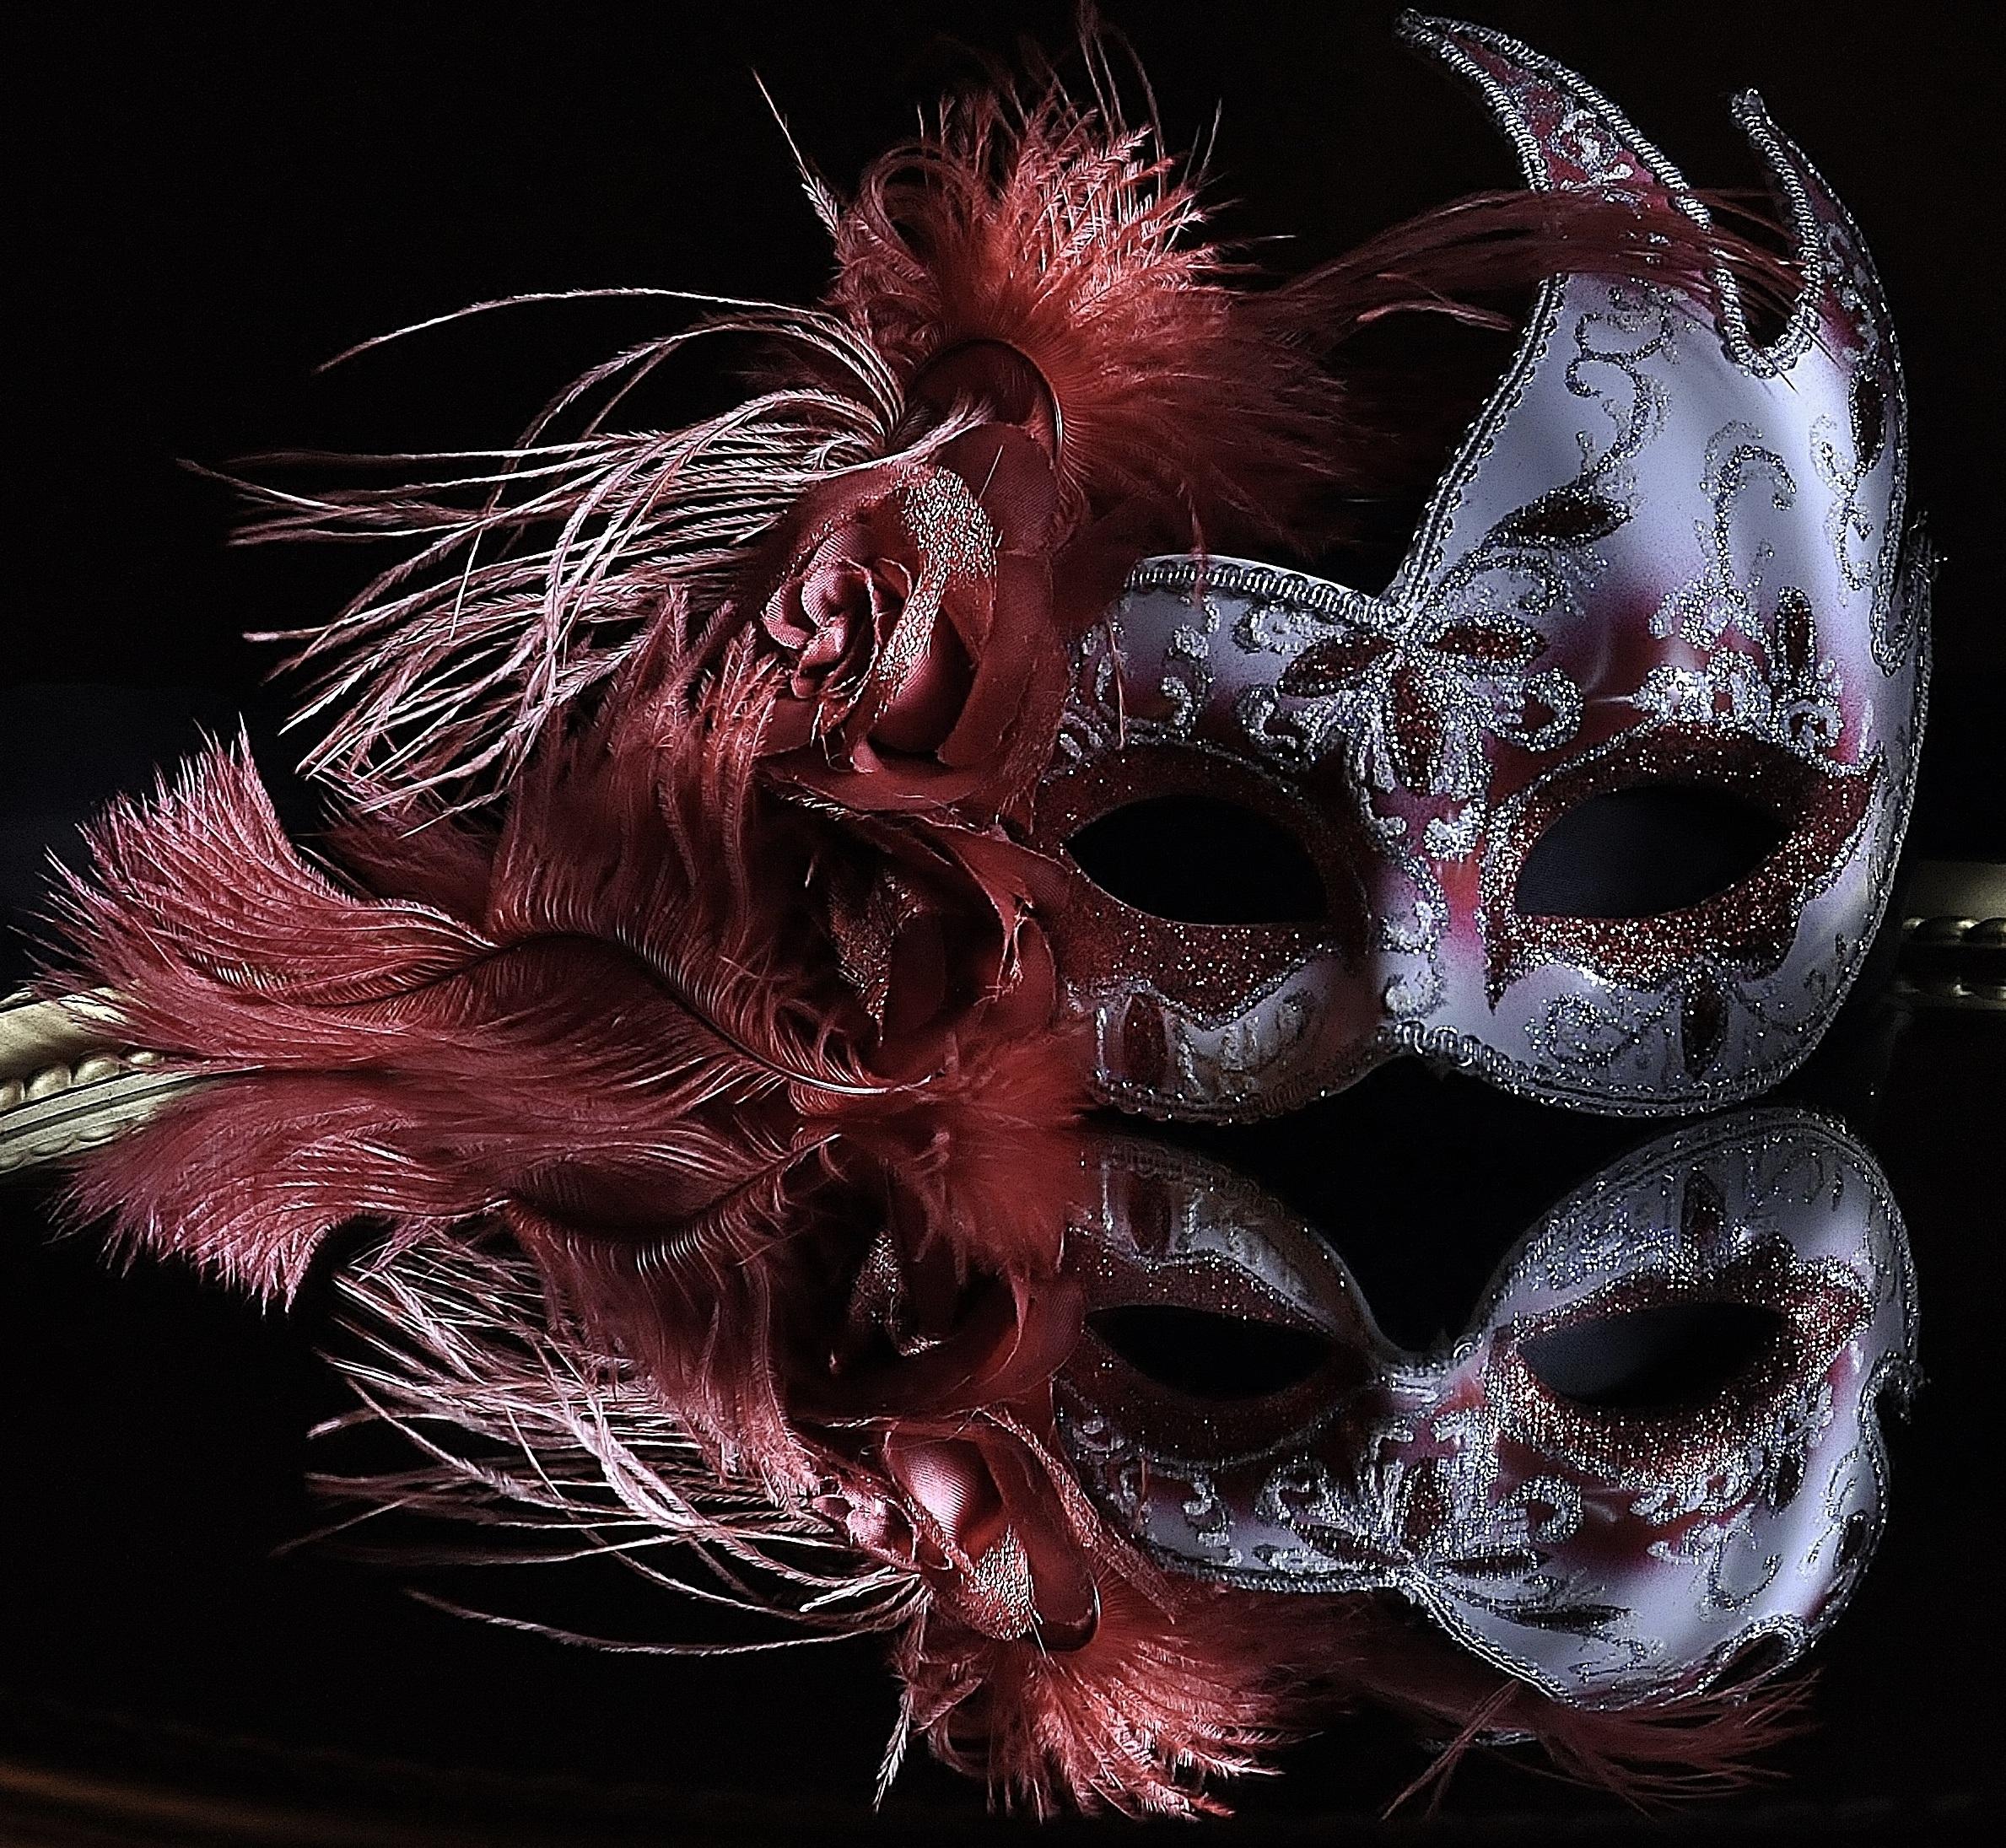 Fotoğraf Yansıma Giyim Kuş Tüyü Hafif Boyama Maske Kostüm